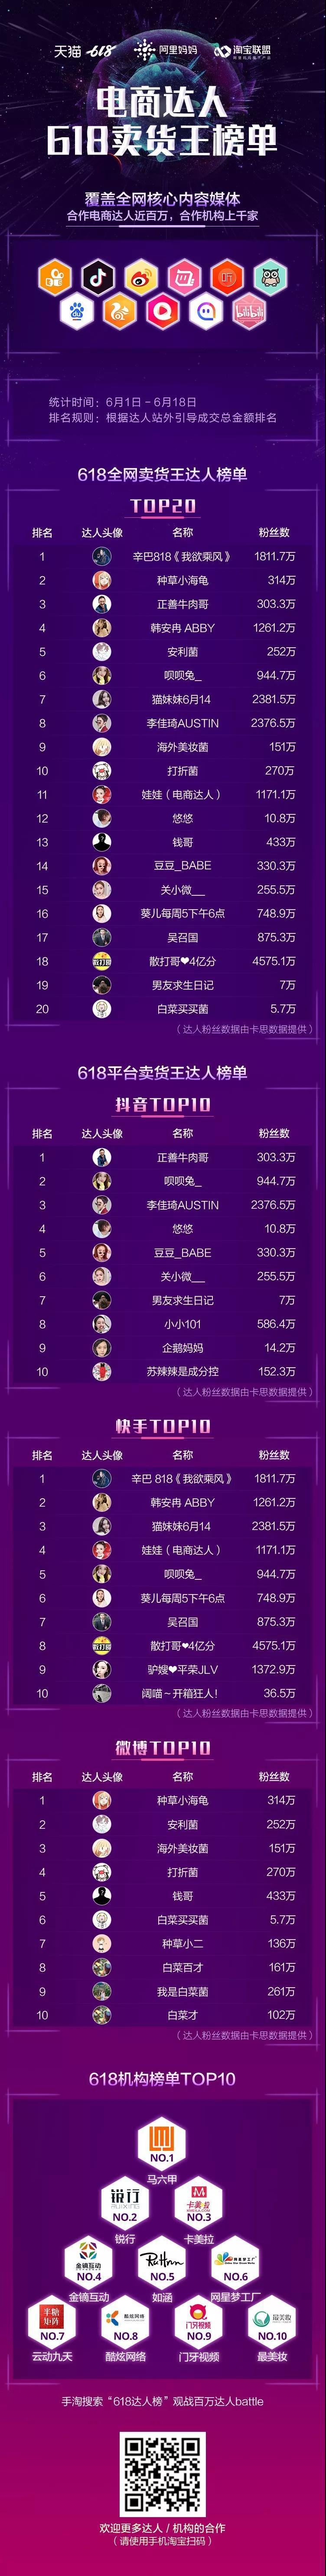 淘宝联盟内容电商达人争霸赛618达人榜单出炉!